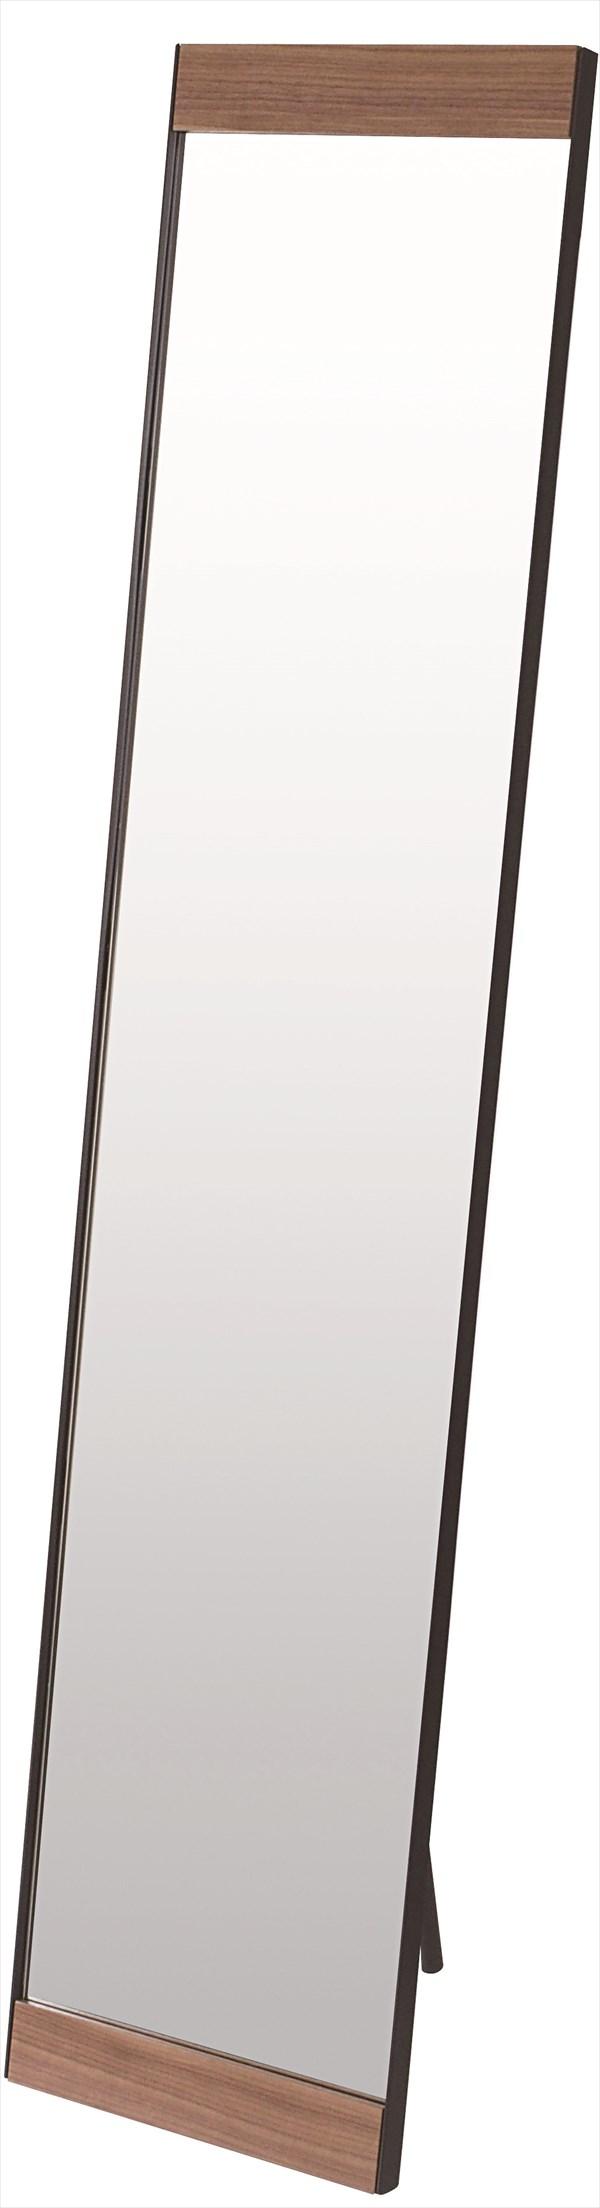 ウォールミラー シルエット ビンテージS350 家具 鏡 ミラー 塩川 インテリア(代引不可)【送料無料】